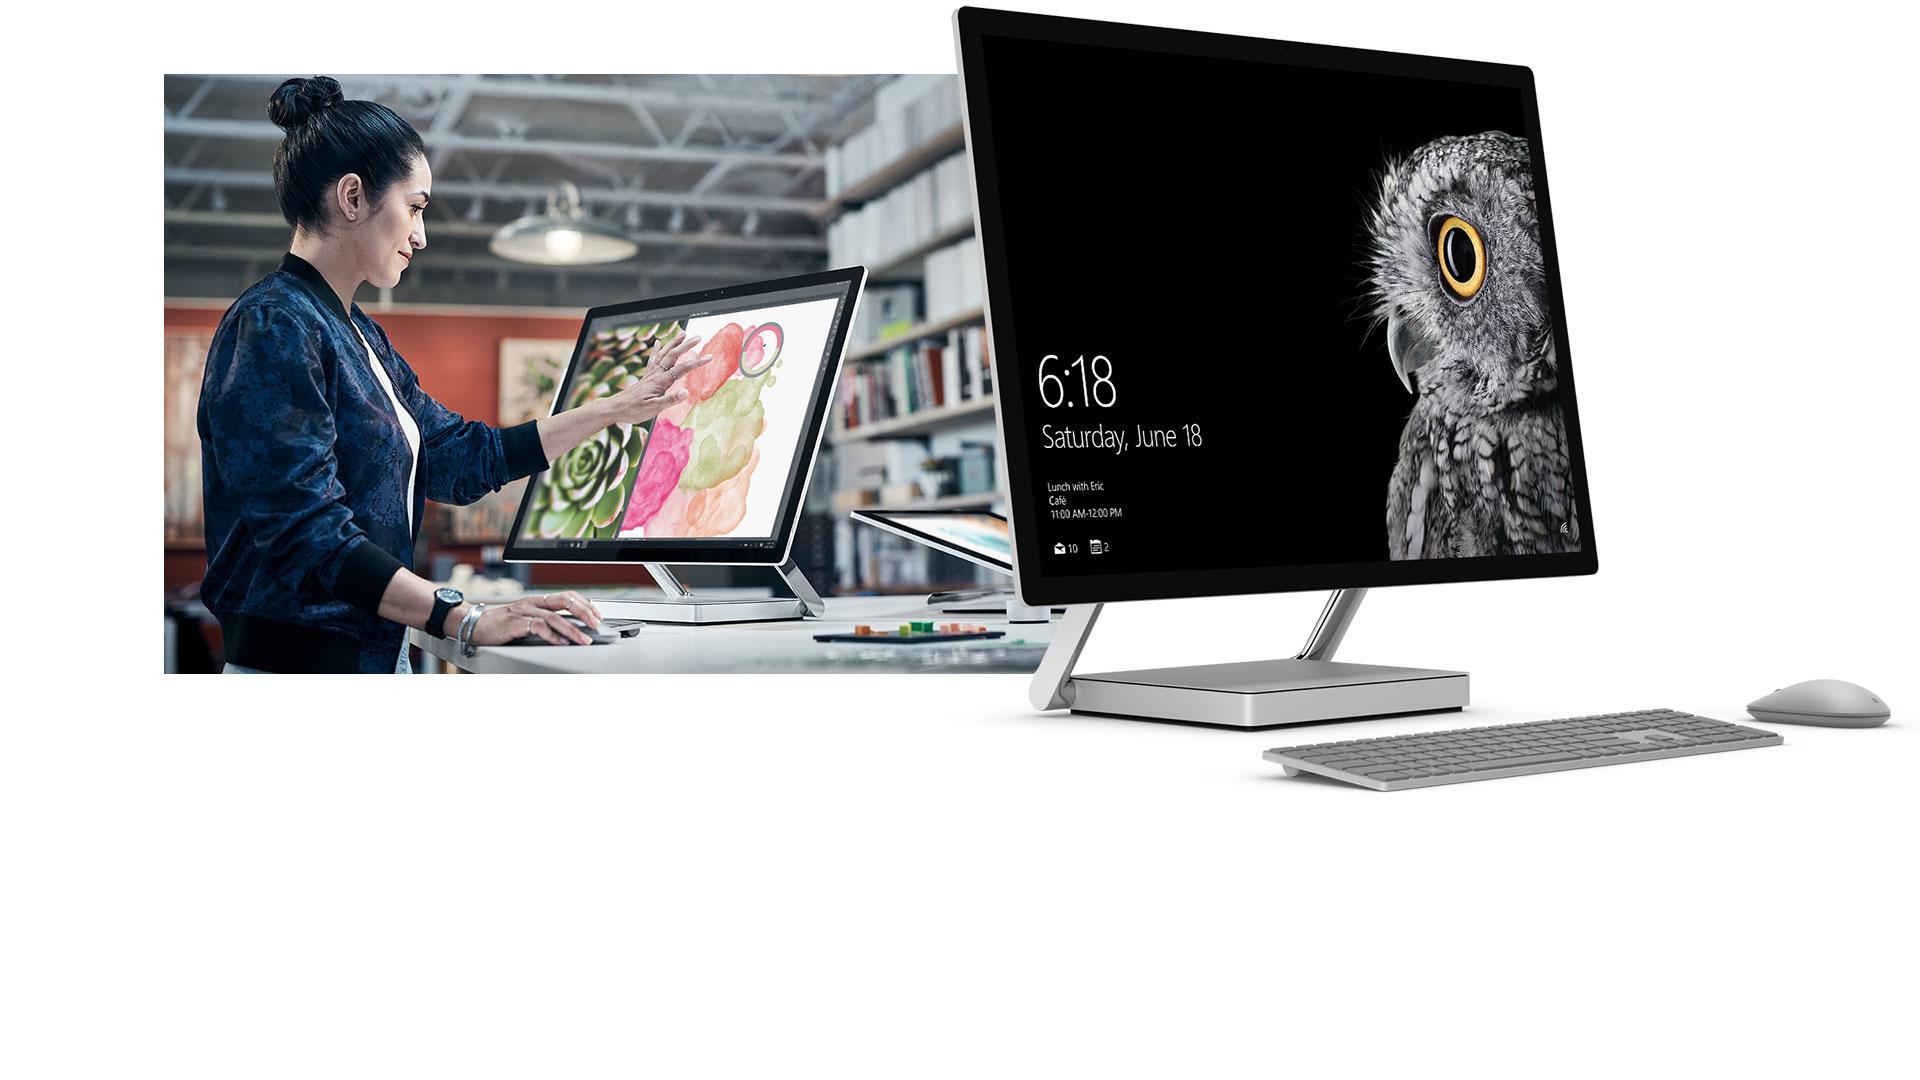 Kvinde, der rører skærmen på Surface Studio i skrivebordstilstand ved siden af produktet Surface Studio